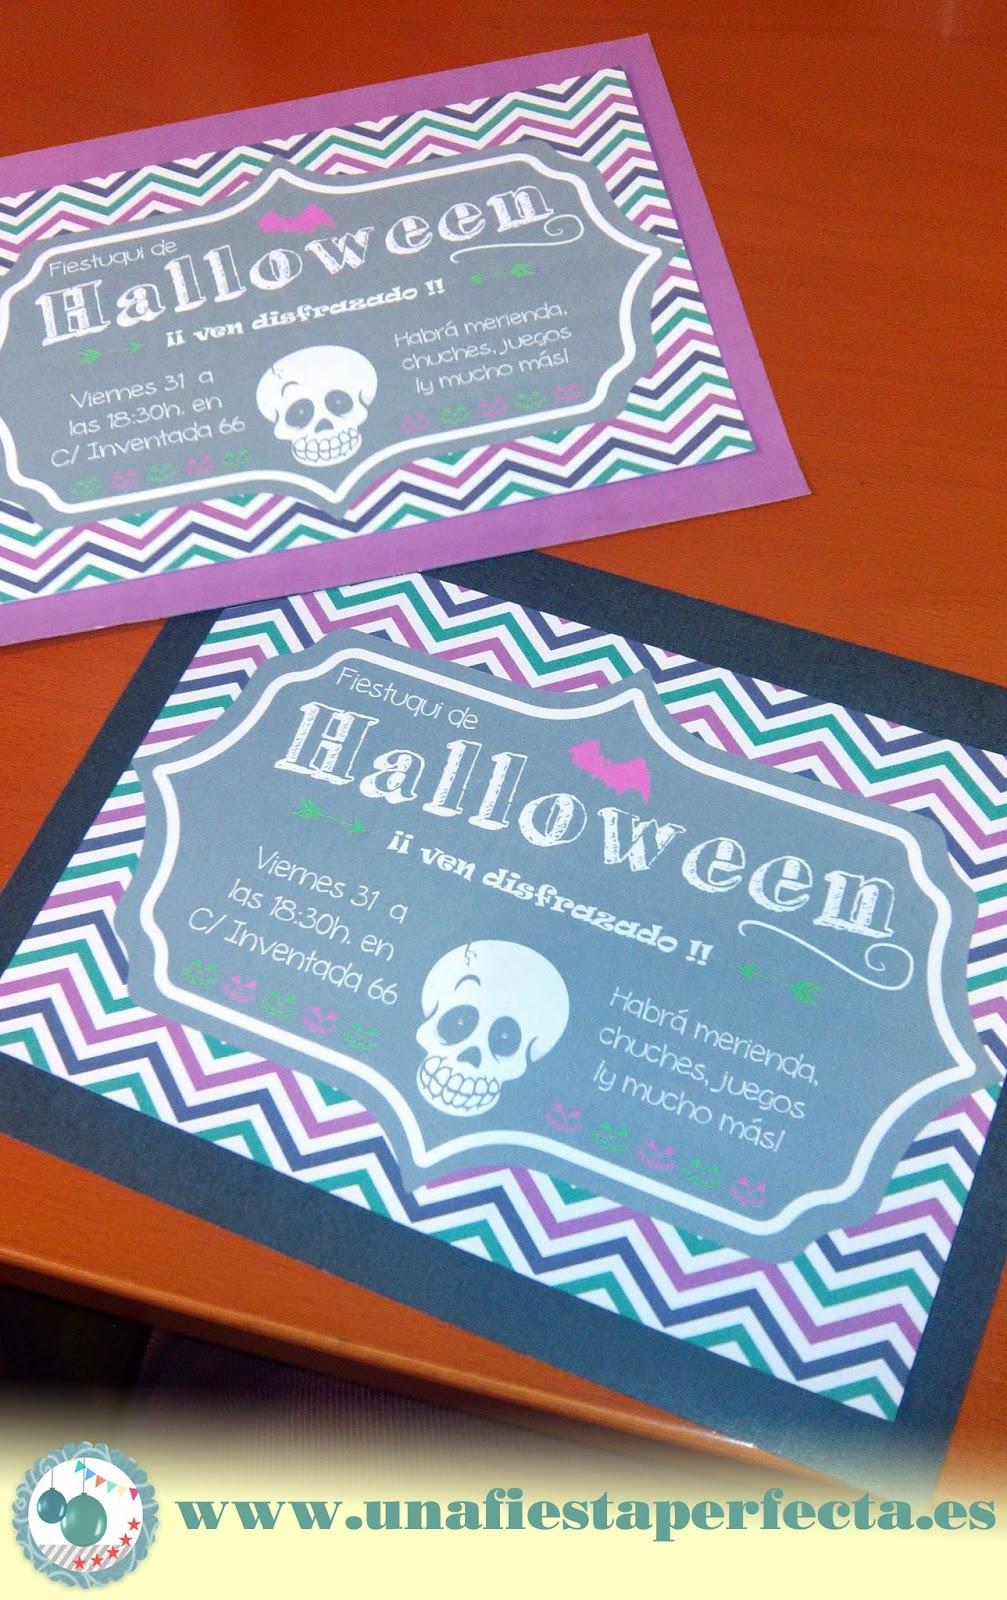 Invitación Fiesta Halloween - unafiestaperfecta.es